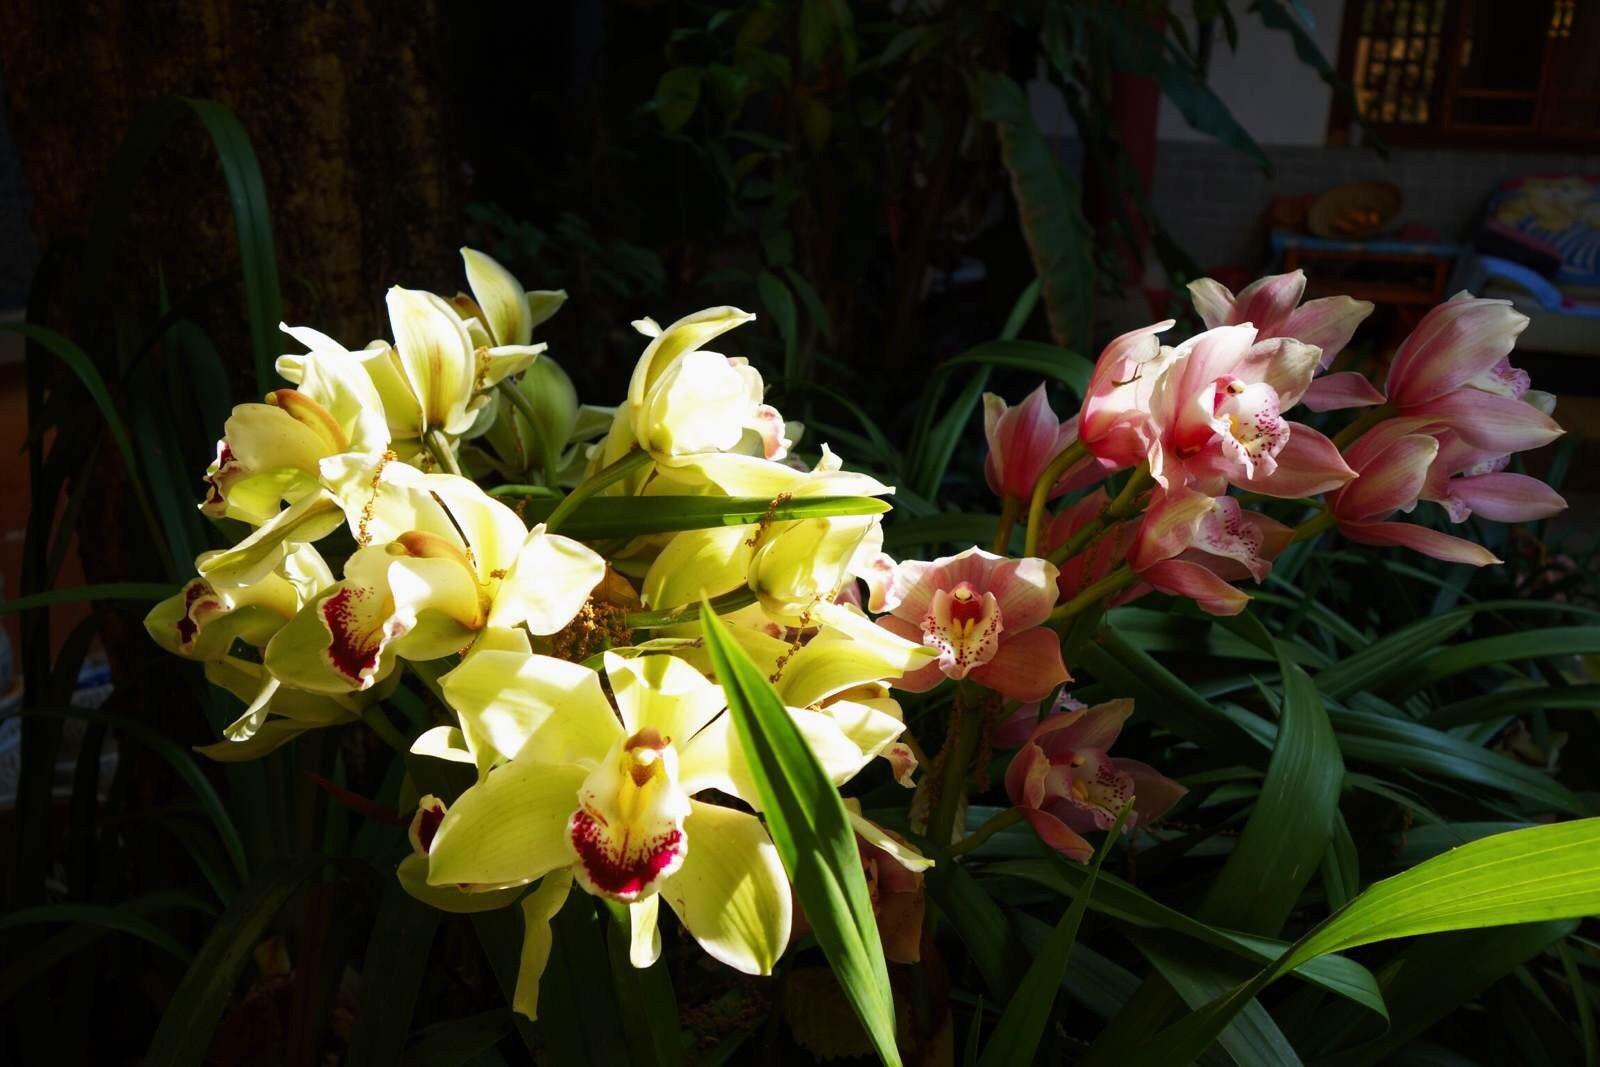 寺庙一个幽暗的角落里,兰花开得正艳,在一屡阳光照射下,熠熠生辉!